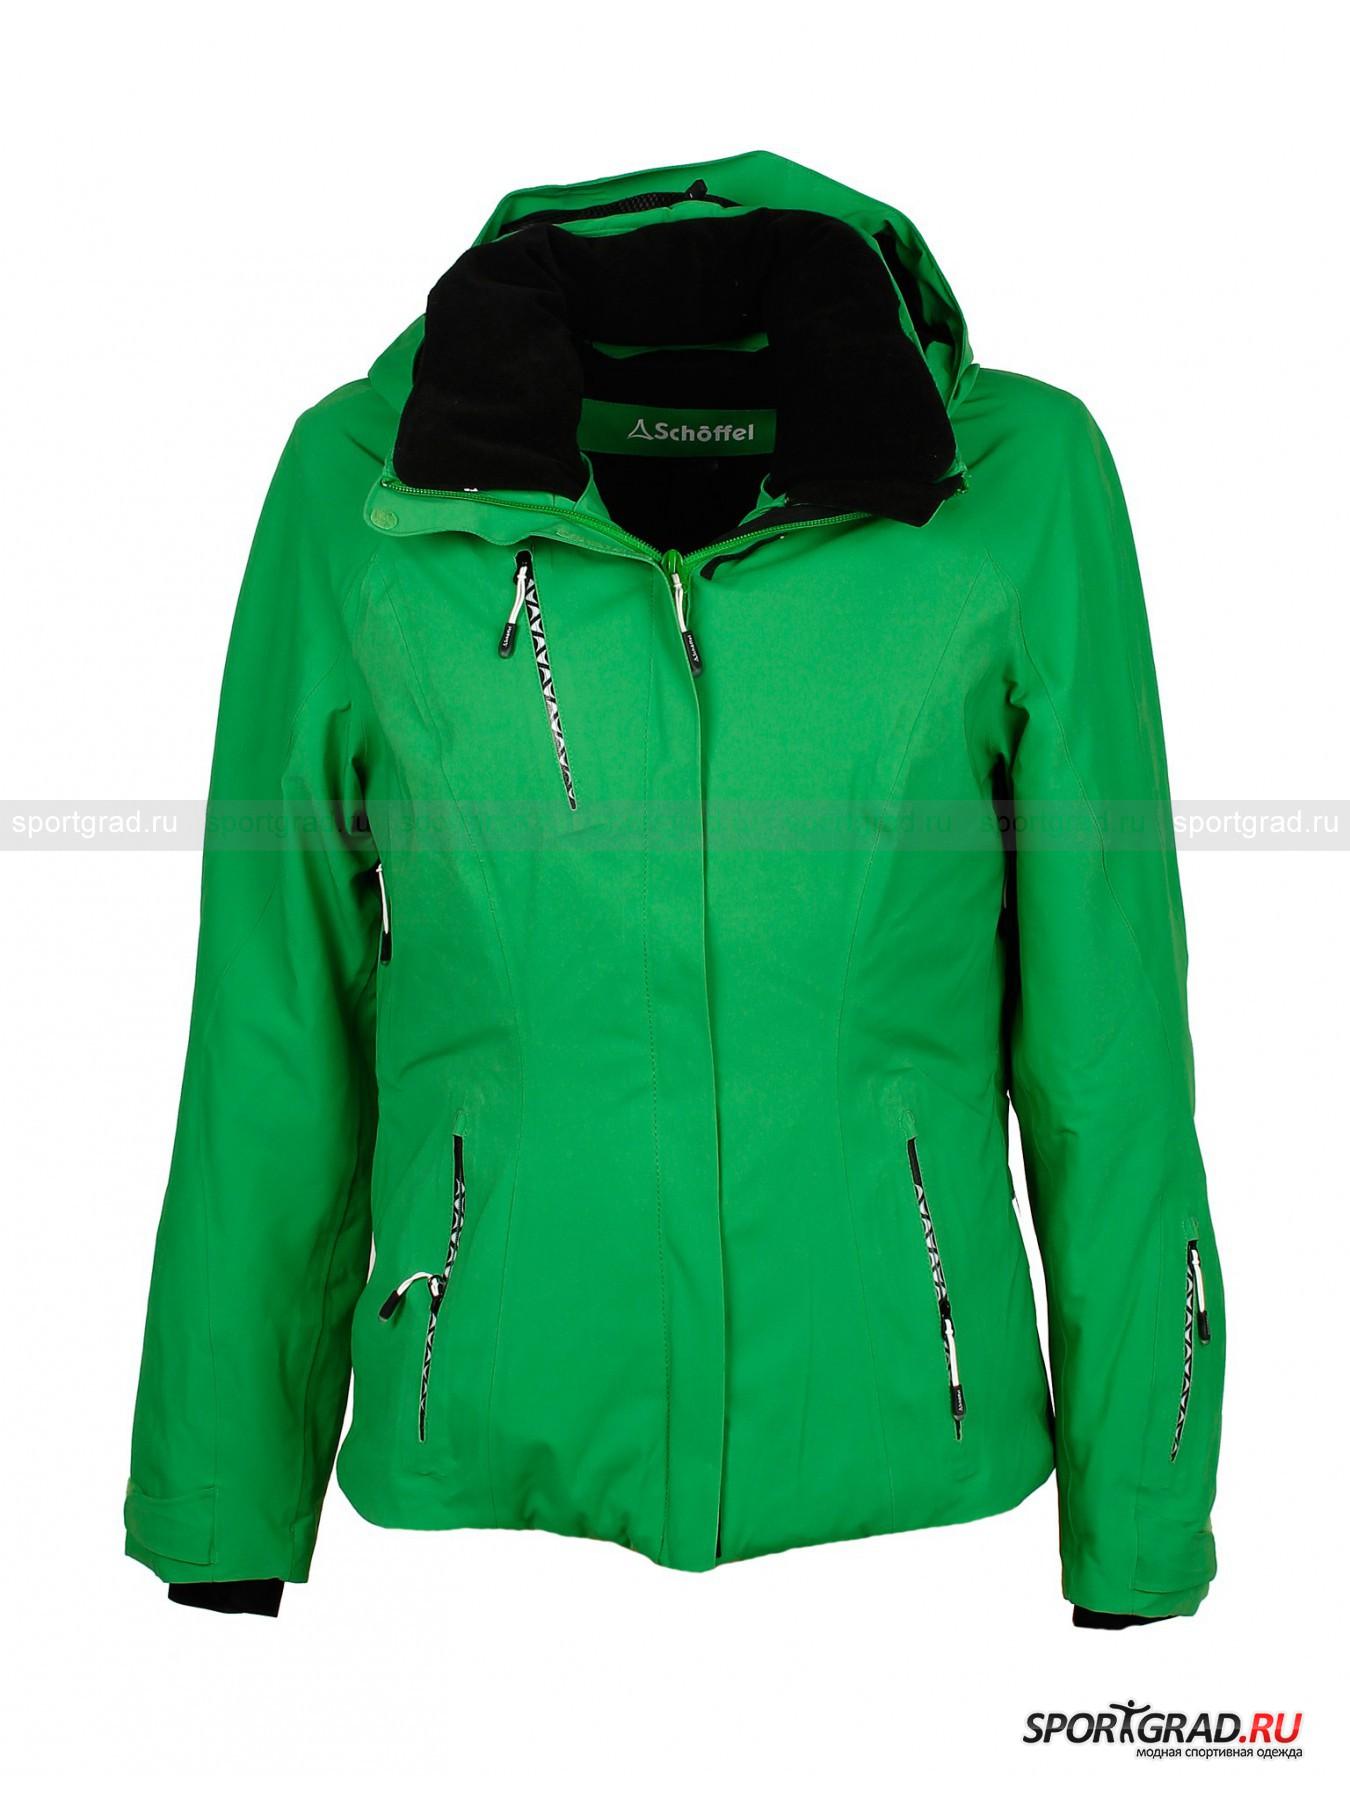 Куртка горнолыжная женская Lindsay SCHOFFEL от Спортград